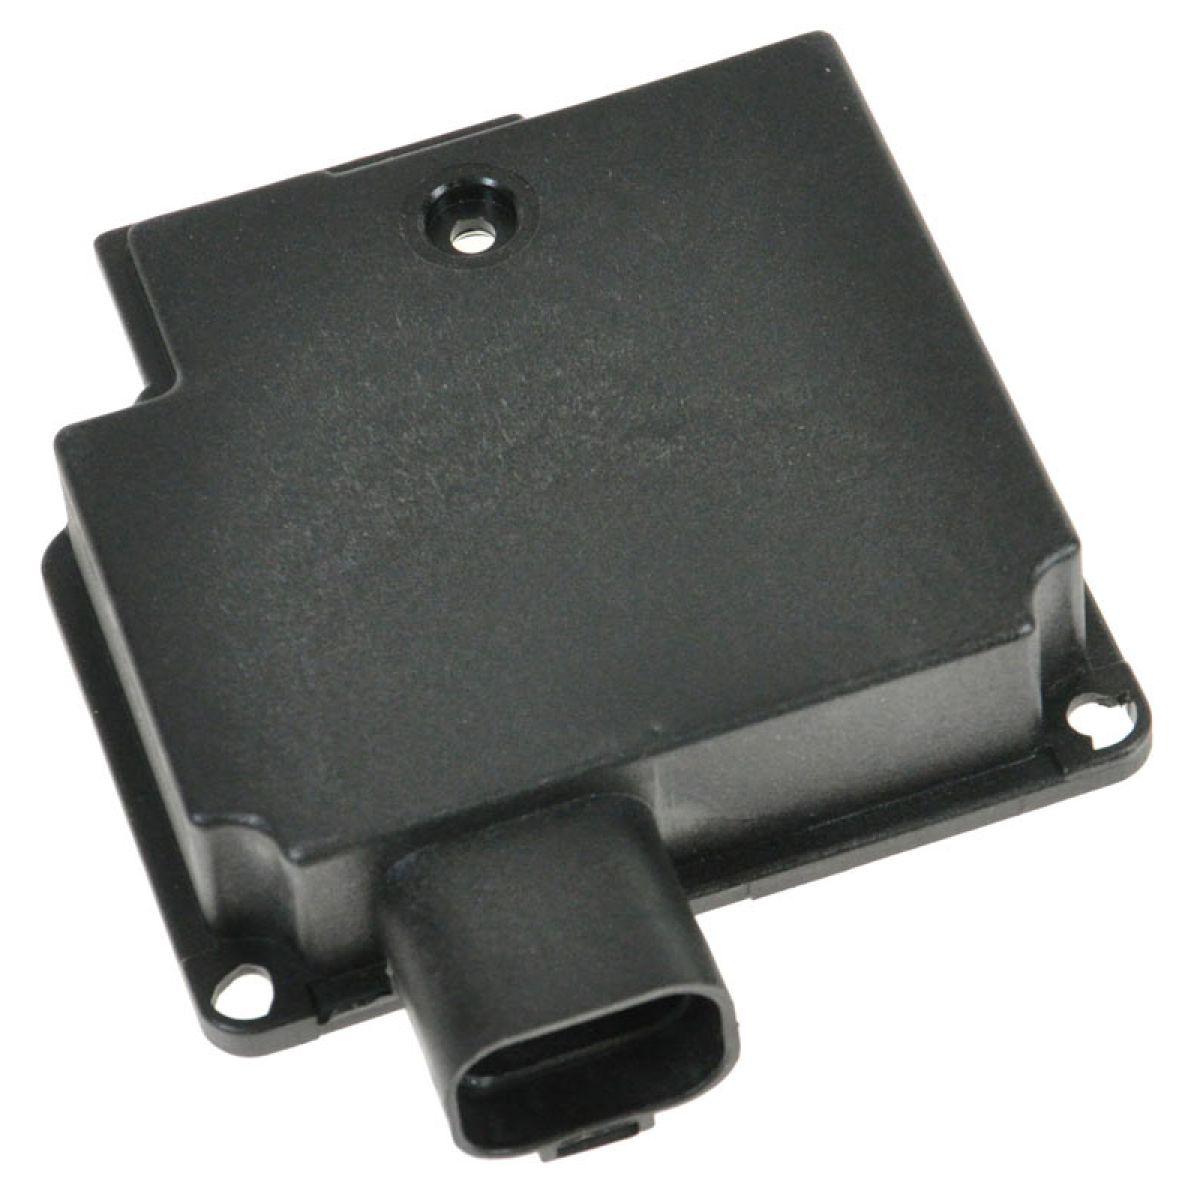 Dorman front windshield wiper motor pulse board for chevy for Windshield wiper motor repair cost